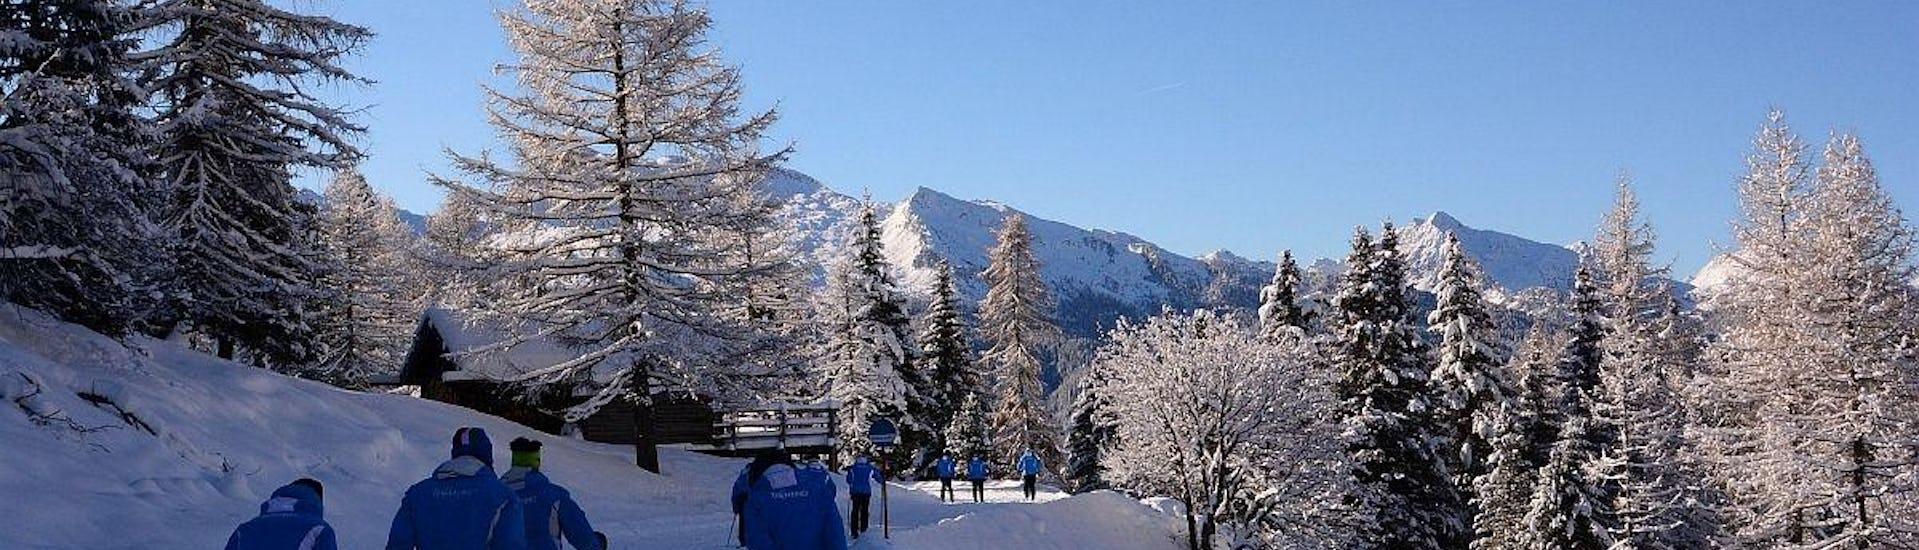 Privater Skikurs für Erwachsene - Feiertage - Alle Levels